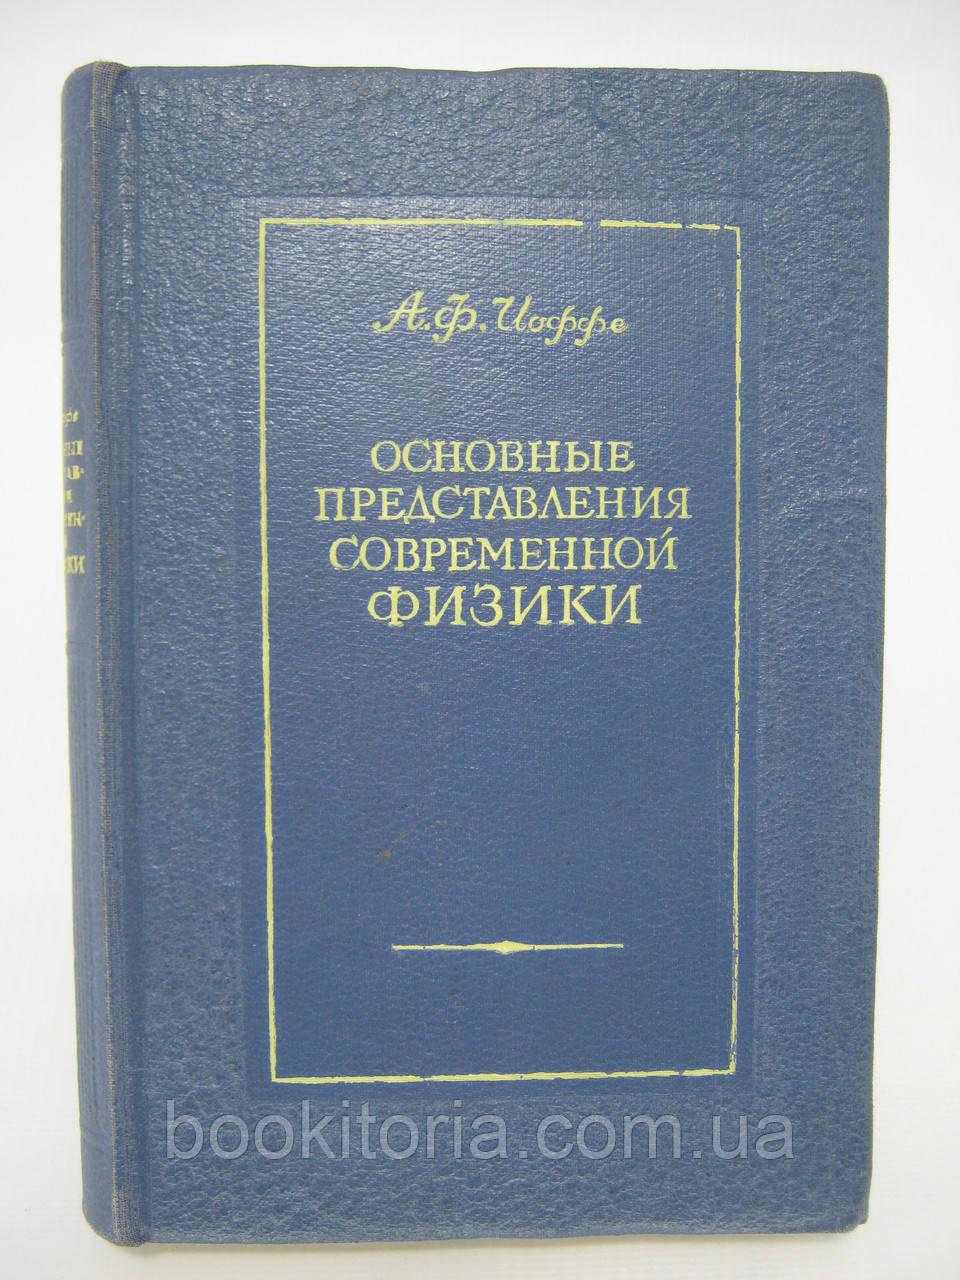 Иоффе А.Ф. Основные представления современной физики (б/у).